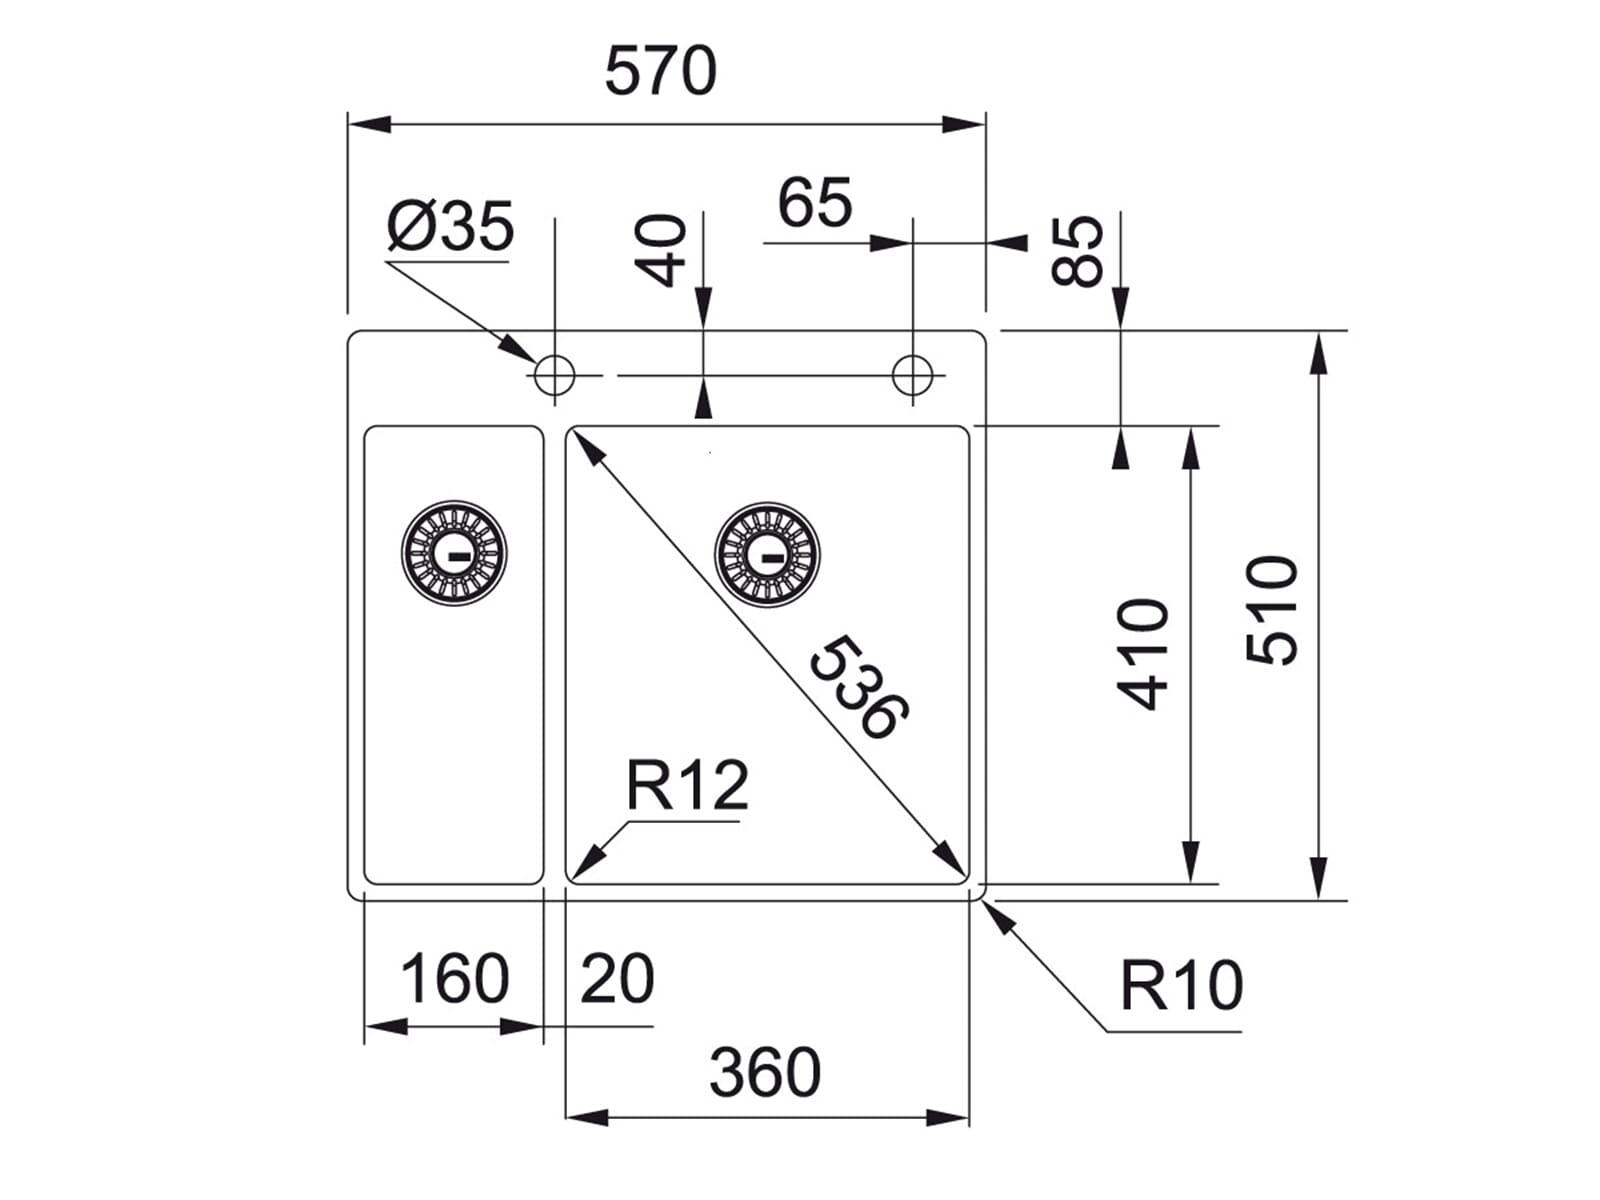 Franke Box BXX 260-36-16 A Edelstahlspüle glatt - 127.0361.234 Auflage/ Flächenbündig